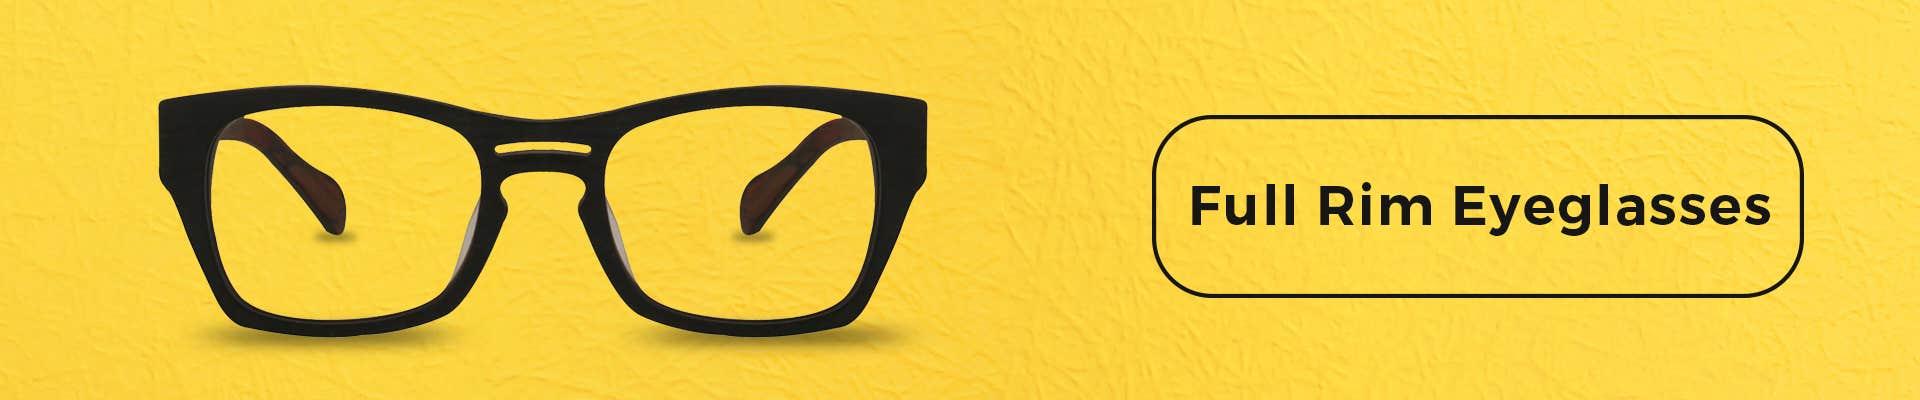 Full Rim Eyeglasses